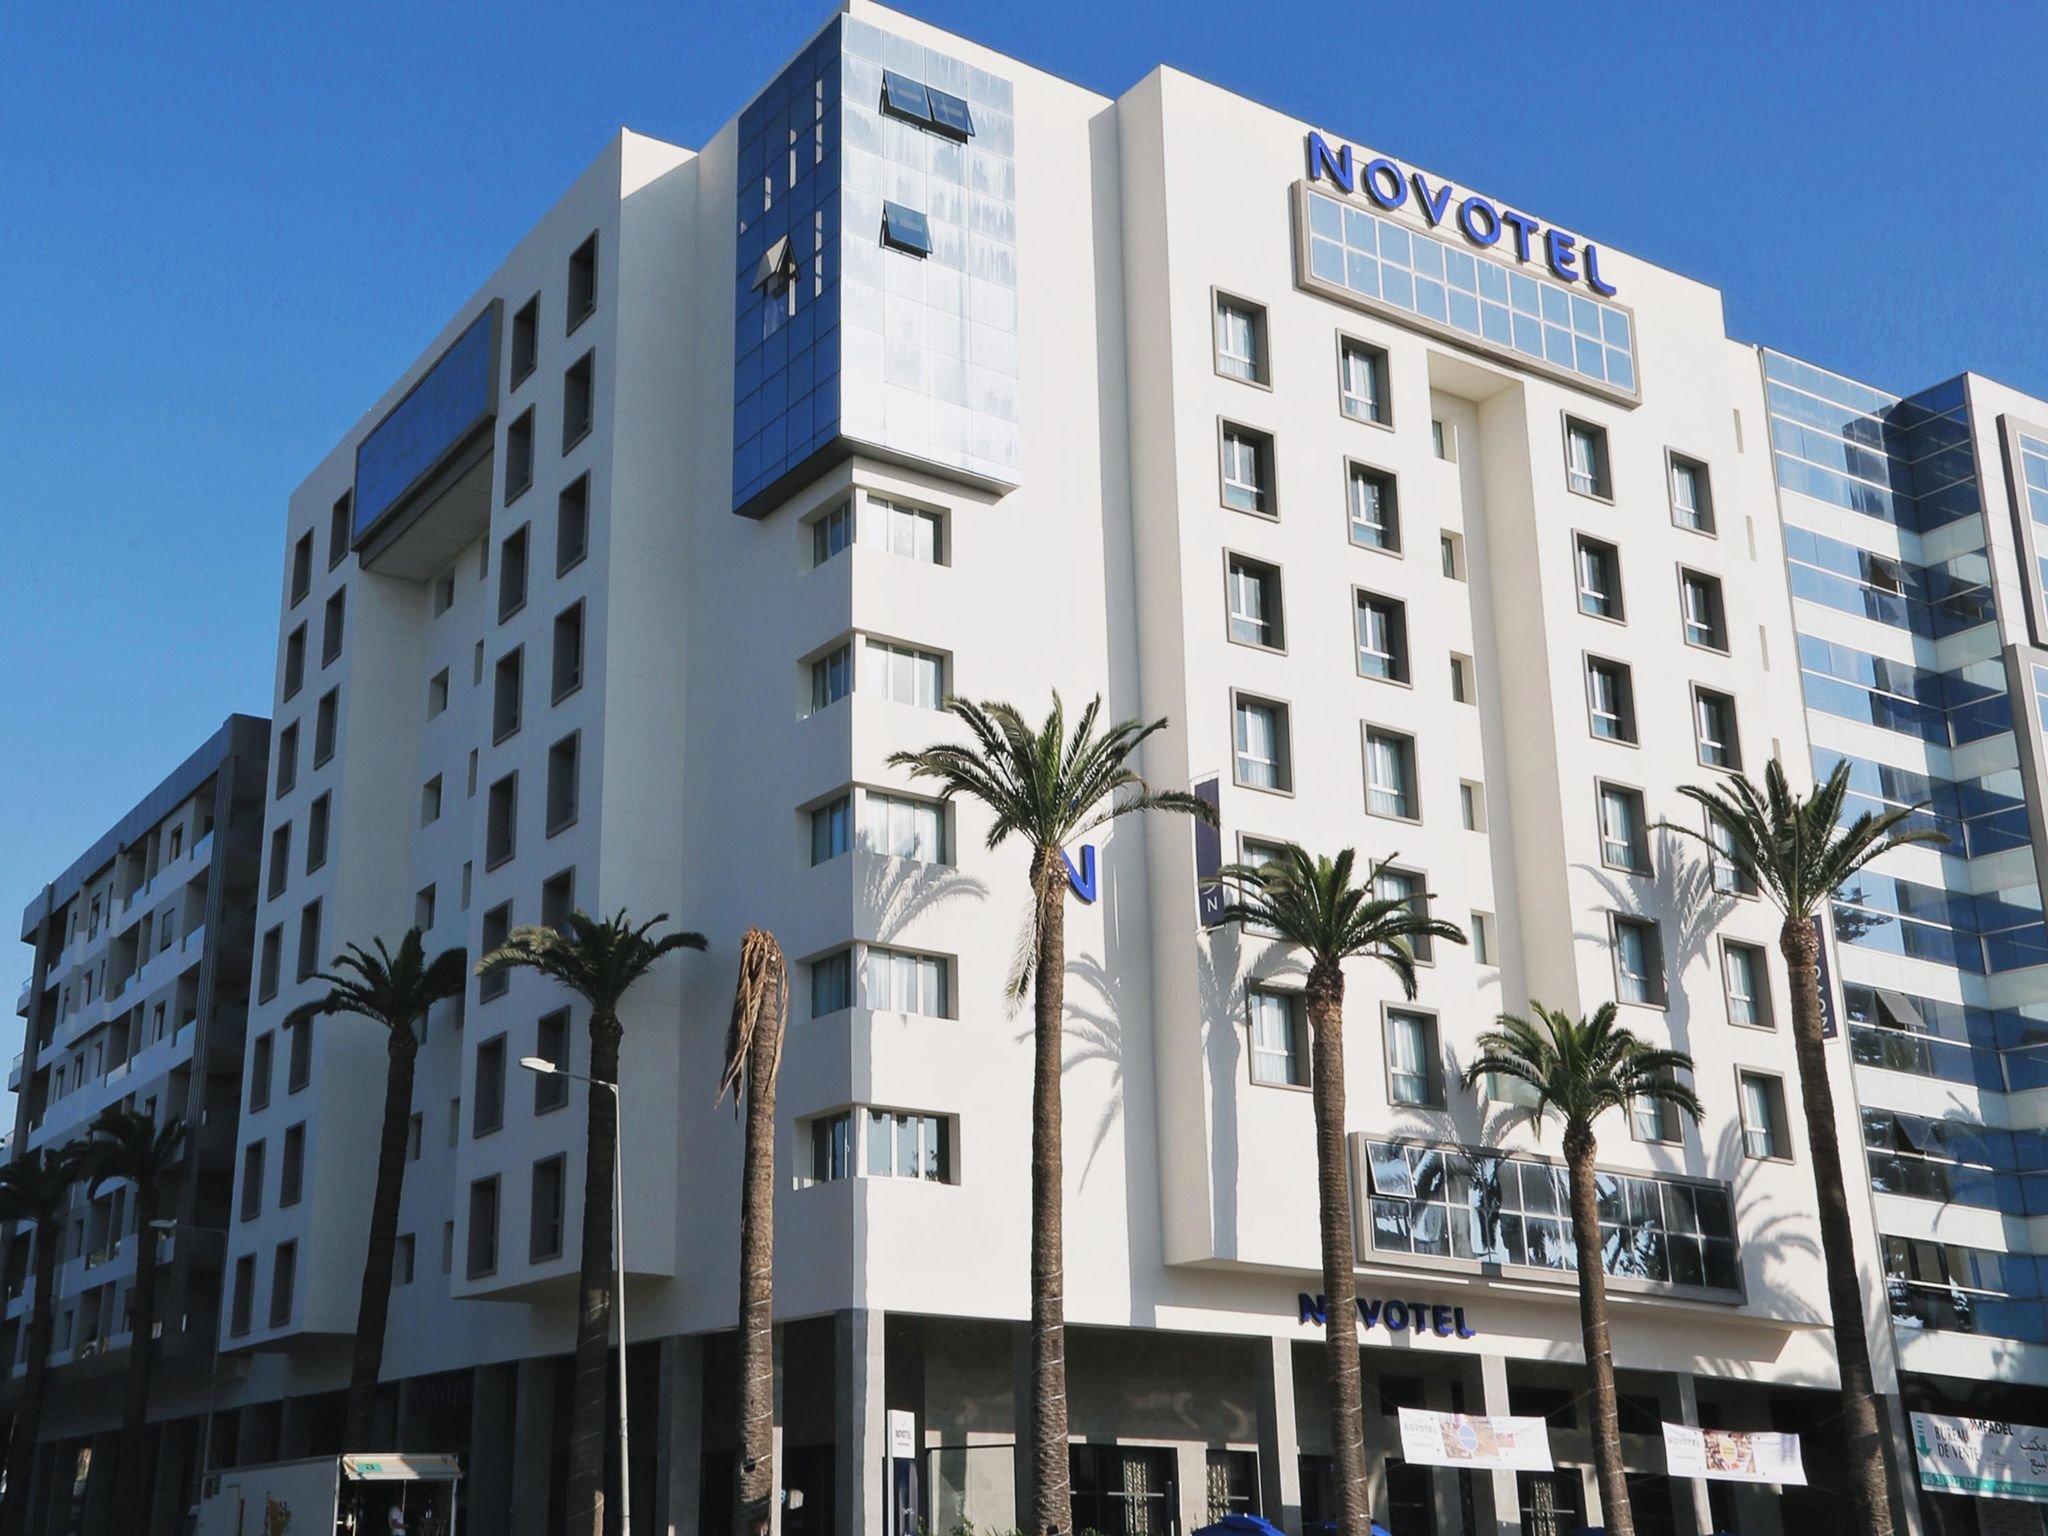 Hôtellerie: AccorHotels ouvre son premier Novotel à